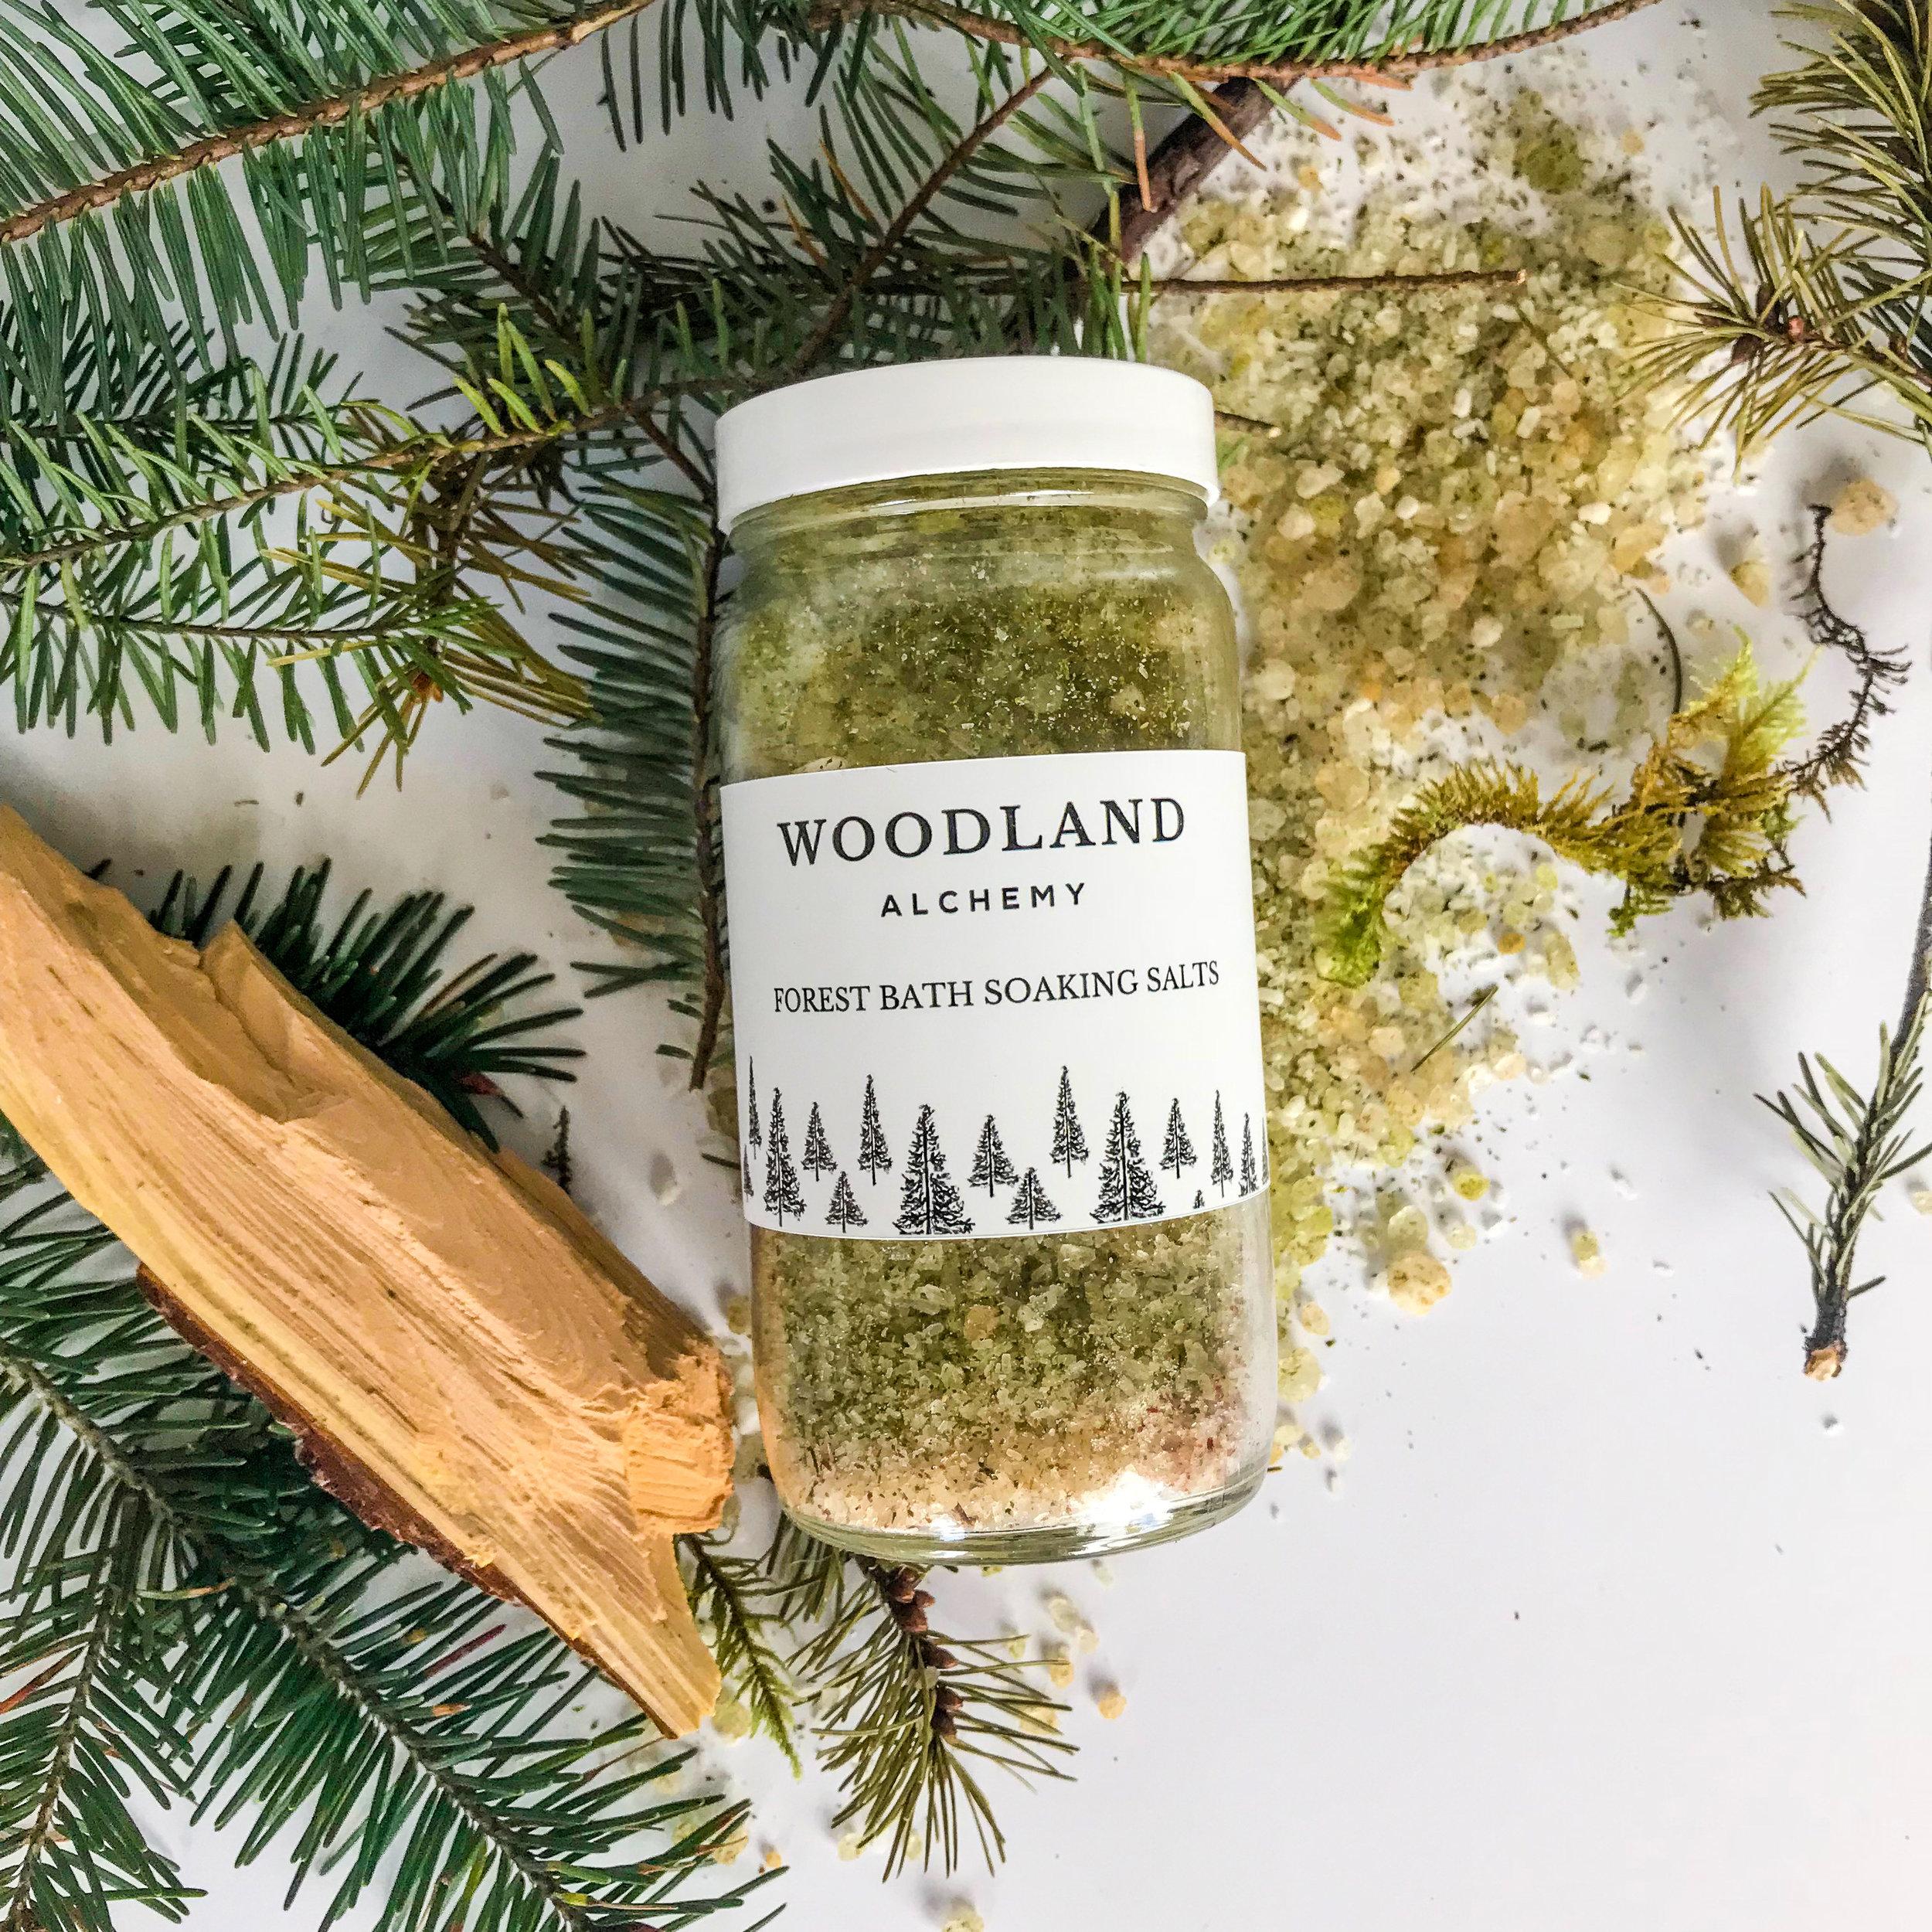 forest bath salts 8 oz.jpg